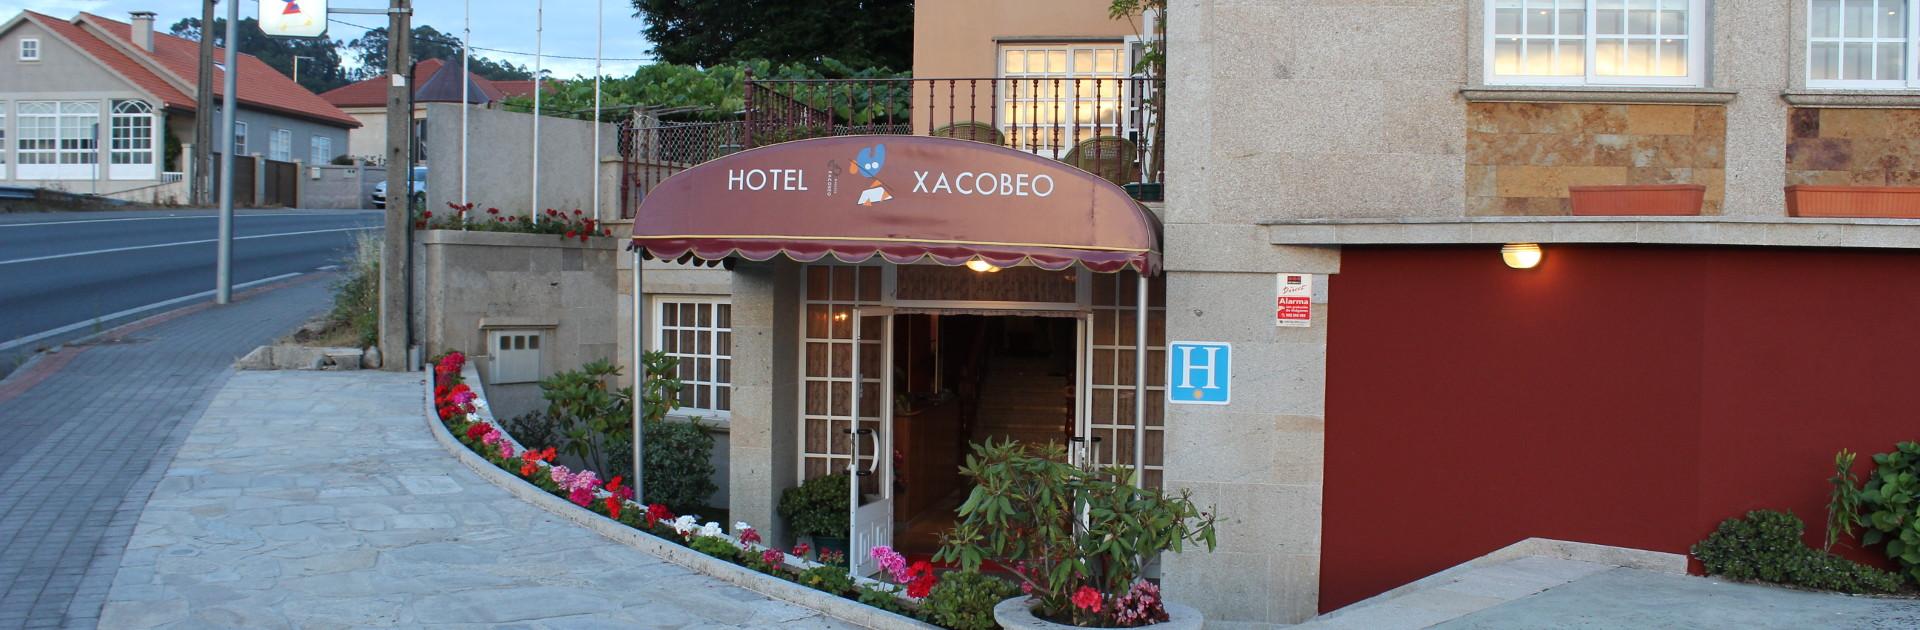 hotel-xacobeo-header